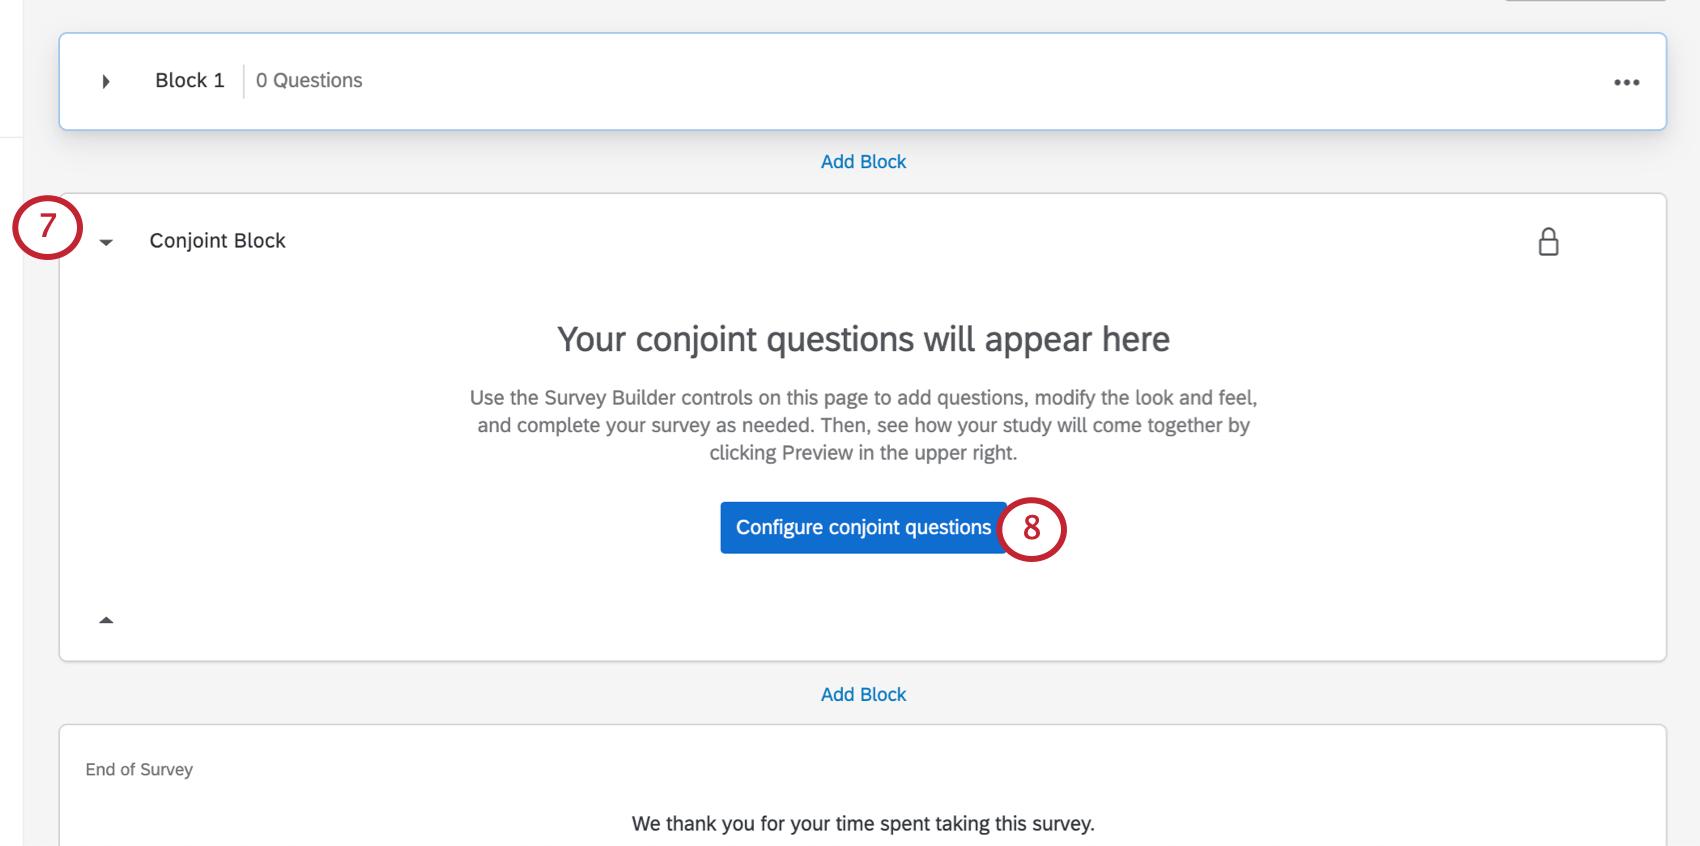 Blue Configure Conjoint Questions button